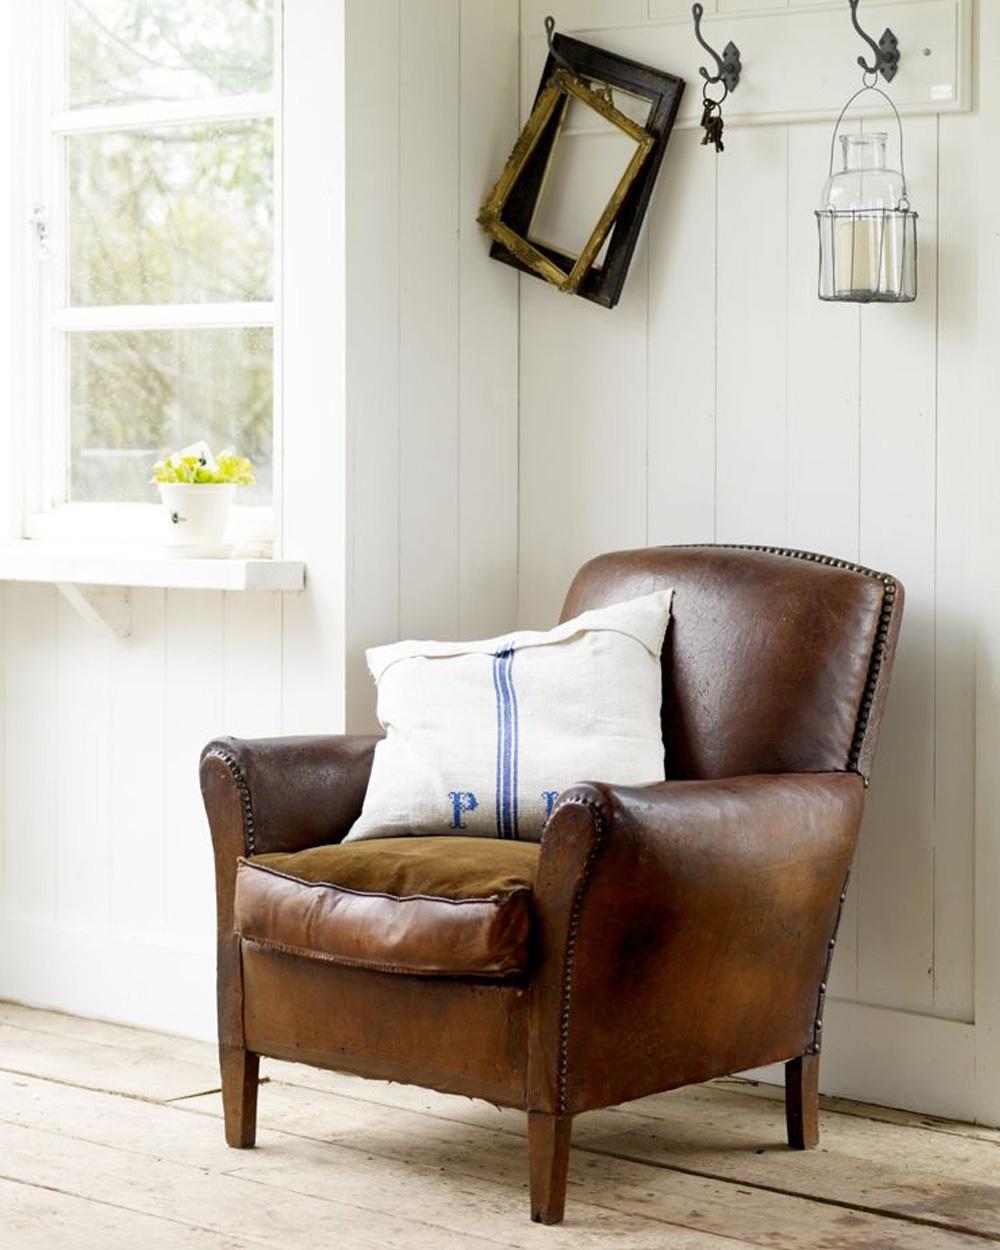 fauteuil en cuir dans maison de campagne